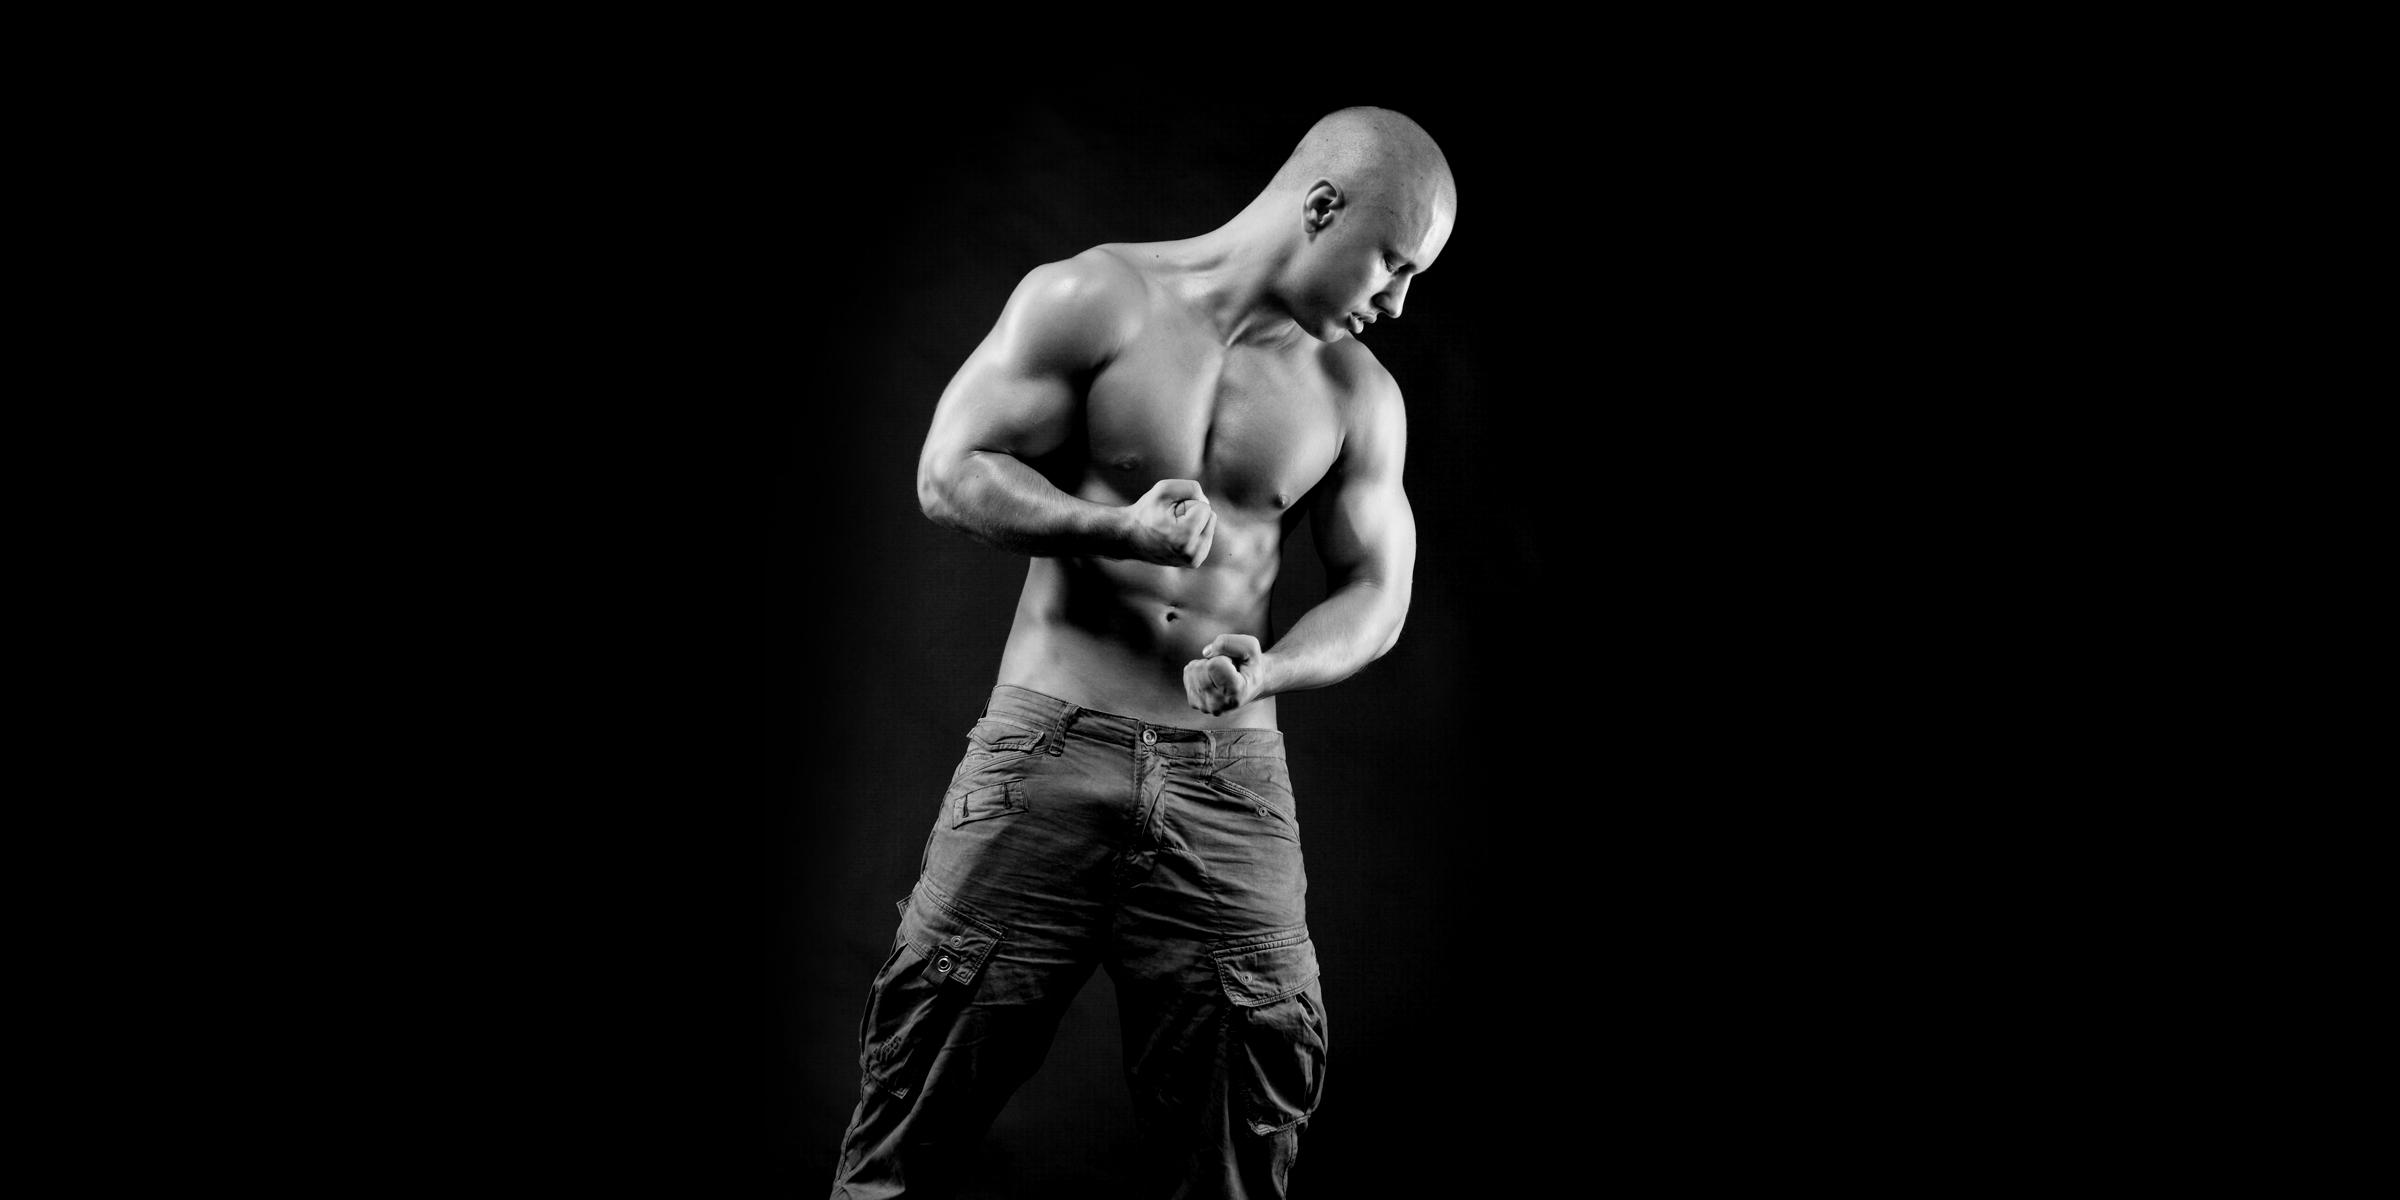 Schwarz-weiße Frontansicht eines muskulösen Mannes, der in Jeans und mit freiem Oberkörper posiert und die Fäuste ballt.